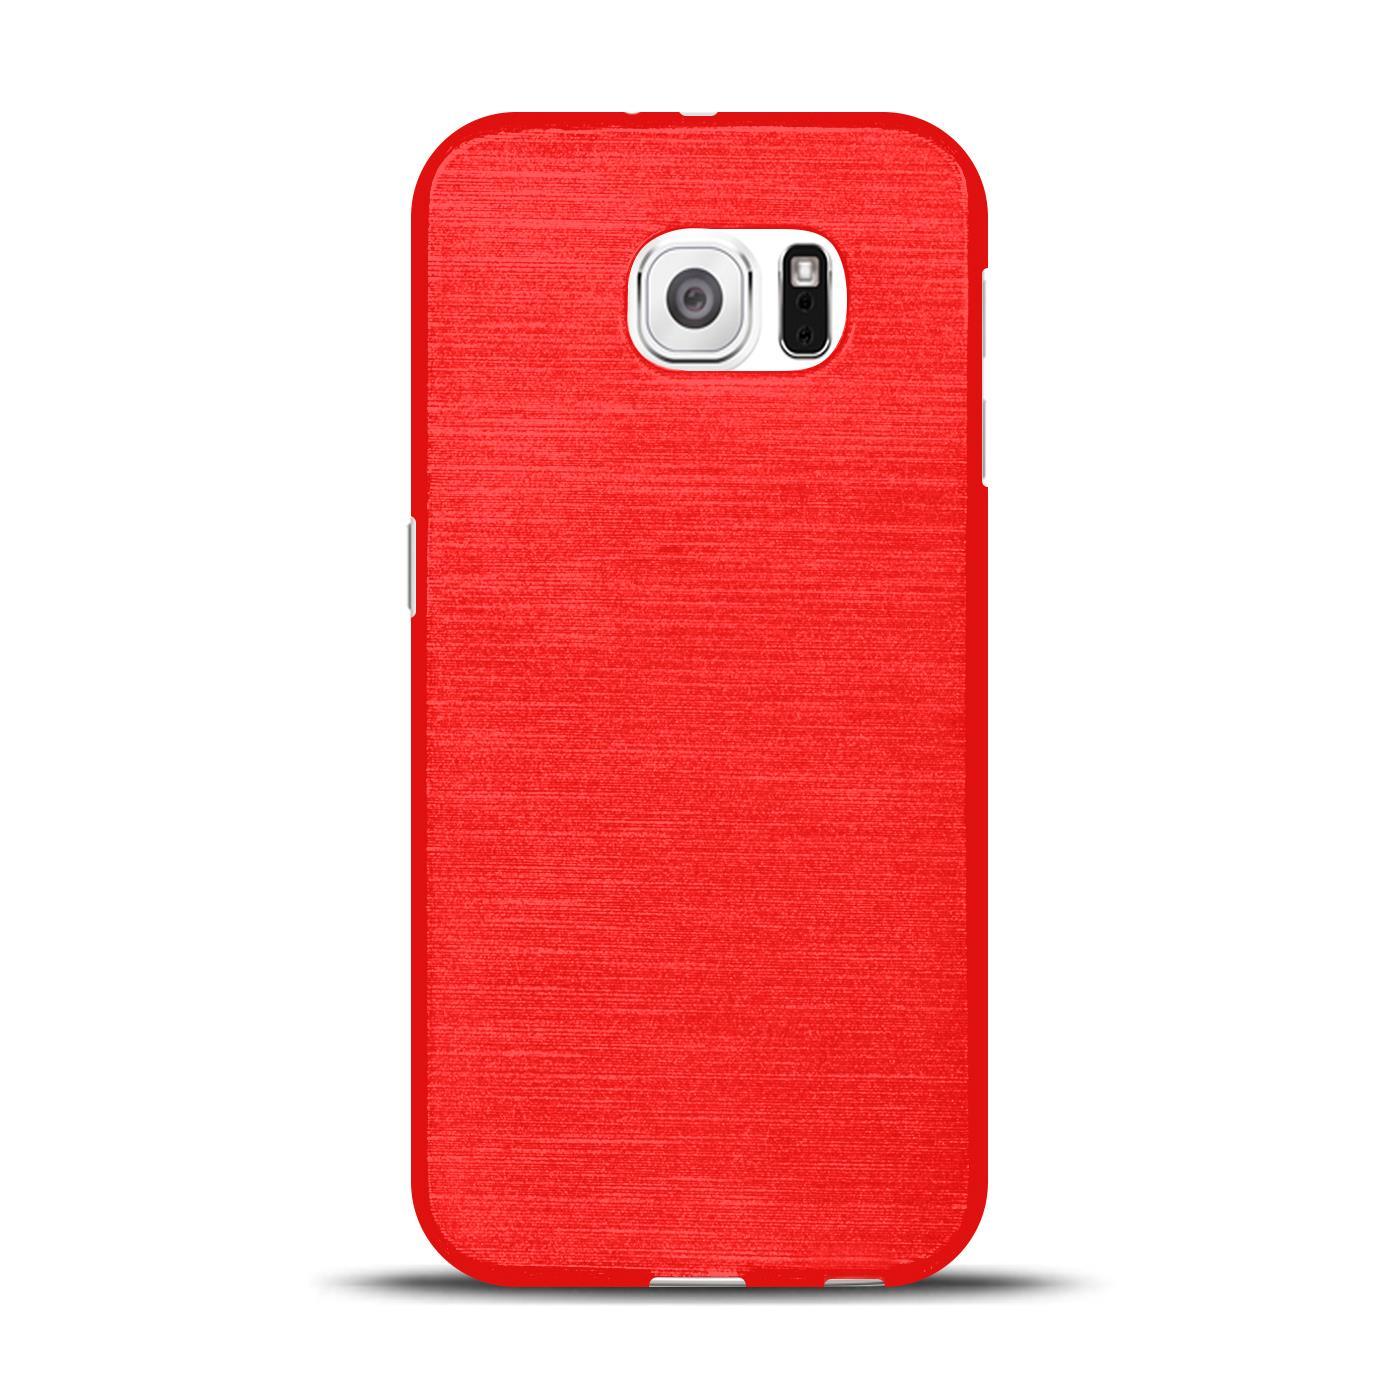 Silikon-Bumper-Case-fuer-Samsung-Galaxy-s6-duenne-ultra-slim-Stossfeste-Rueckschale Indexbild 34